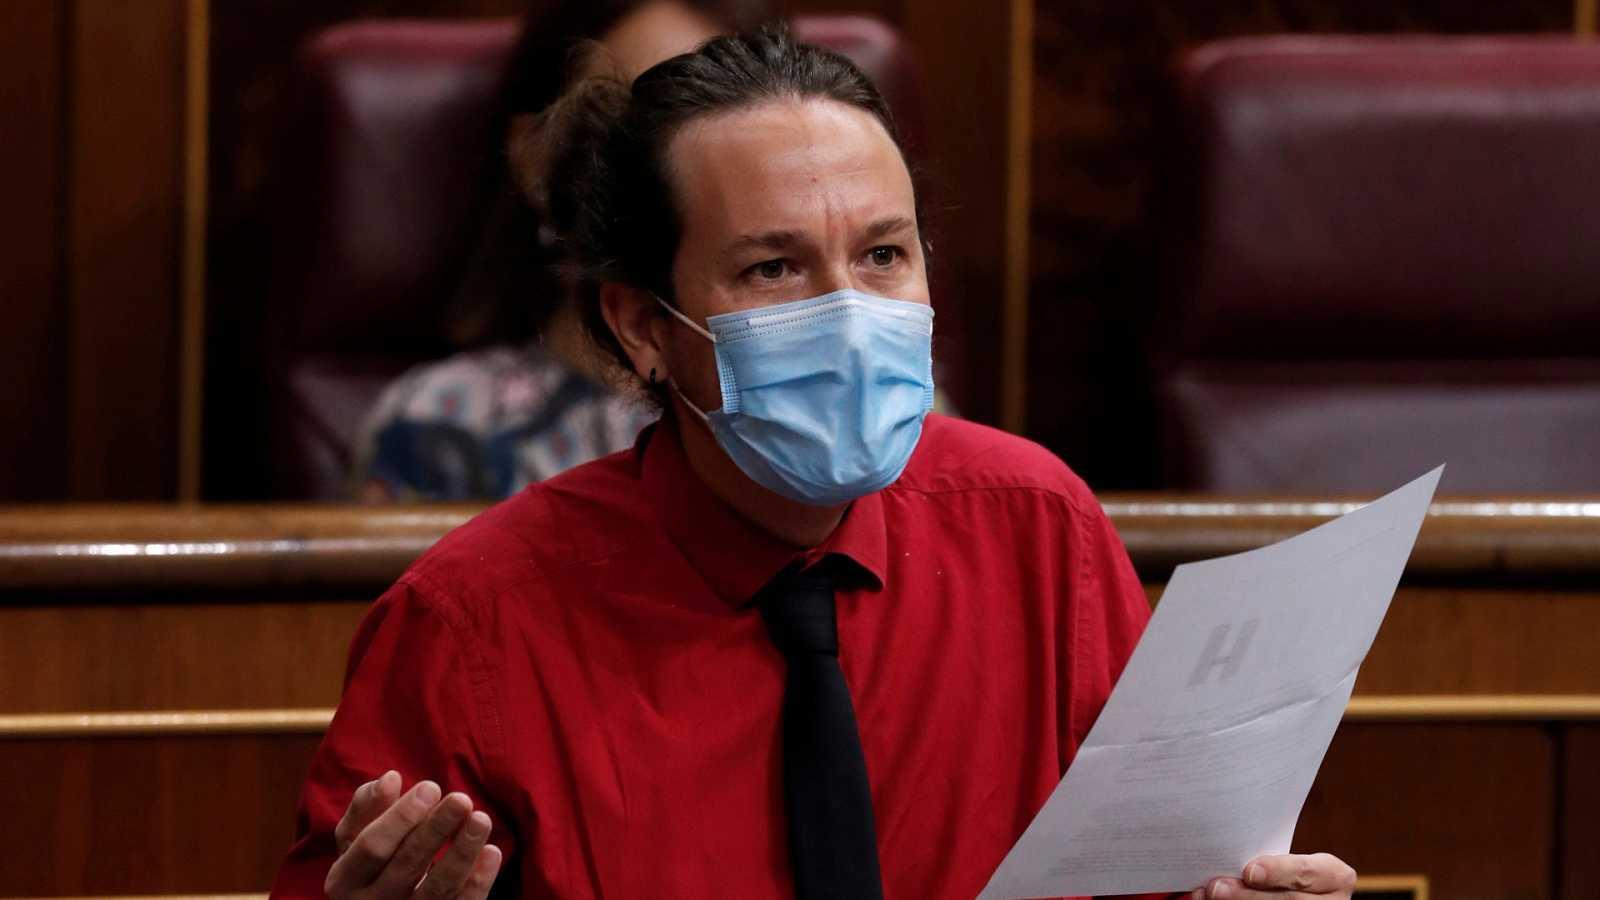 La Audiencia Nacional devuelve a Iglesias la condición de 'perjudicado' en el caso Dina